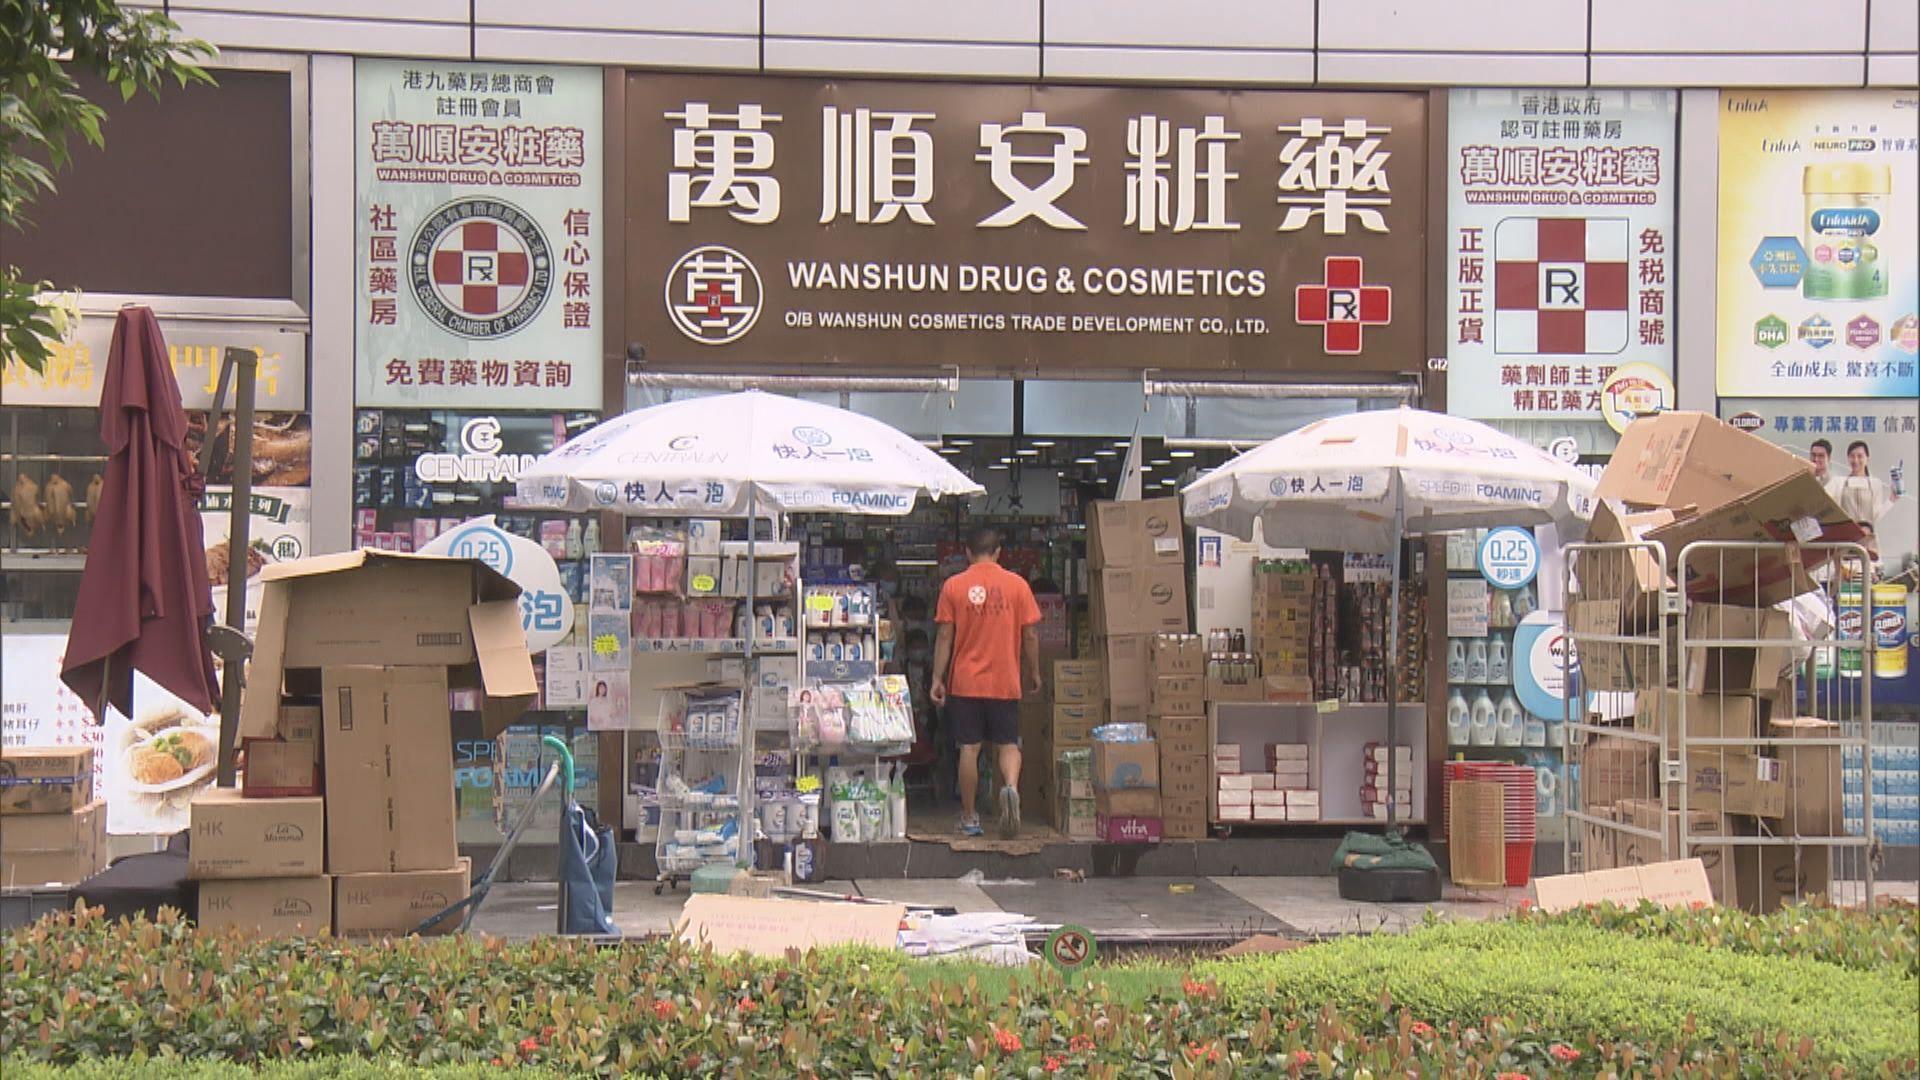 沙田一藥房涉向以八達通購物巿民收額外手續費 八達通:正跟進